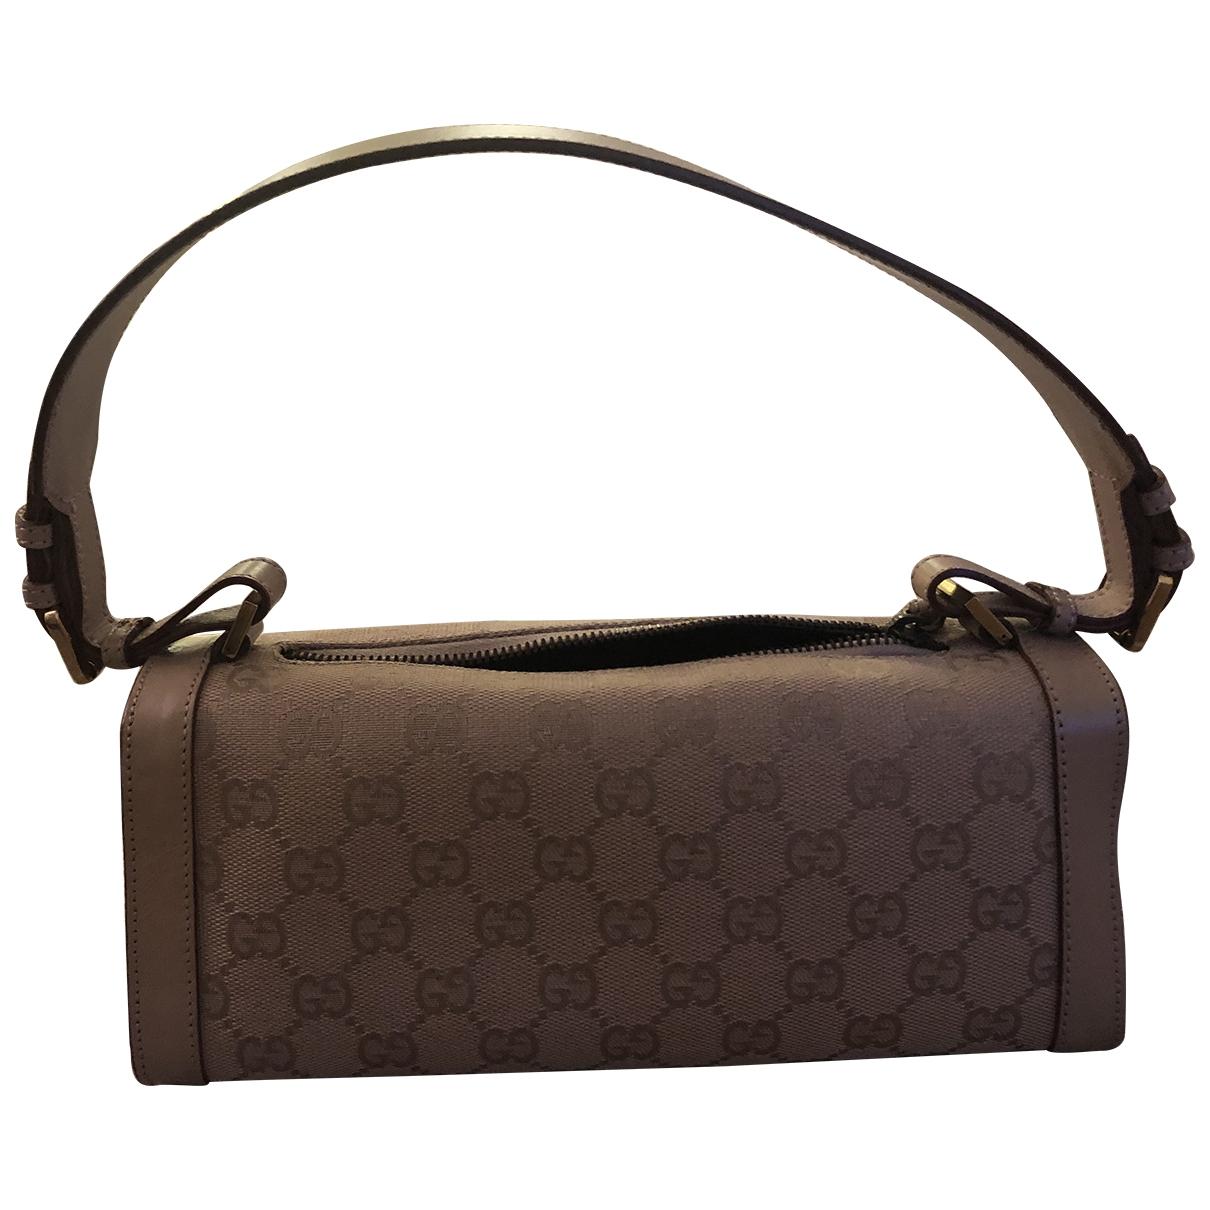 Gucci - Sac a main   pour femme en coton - beige